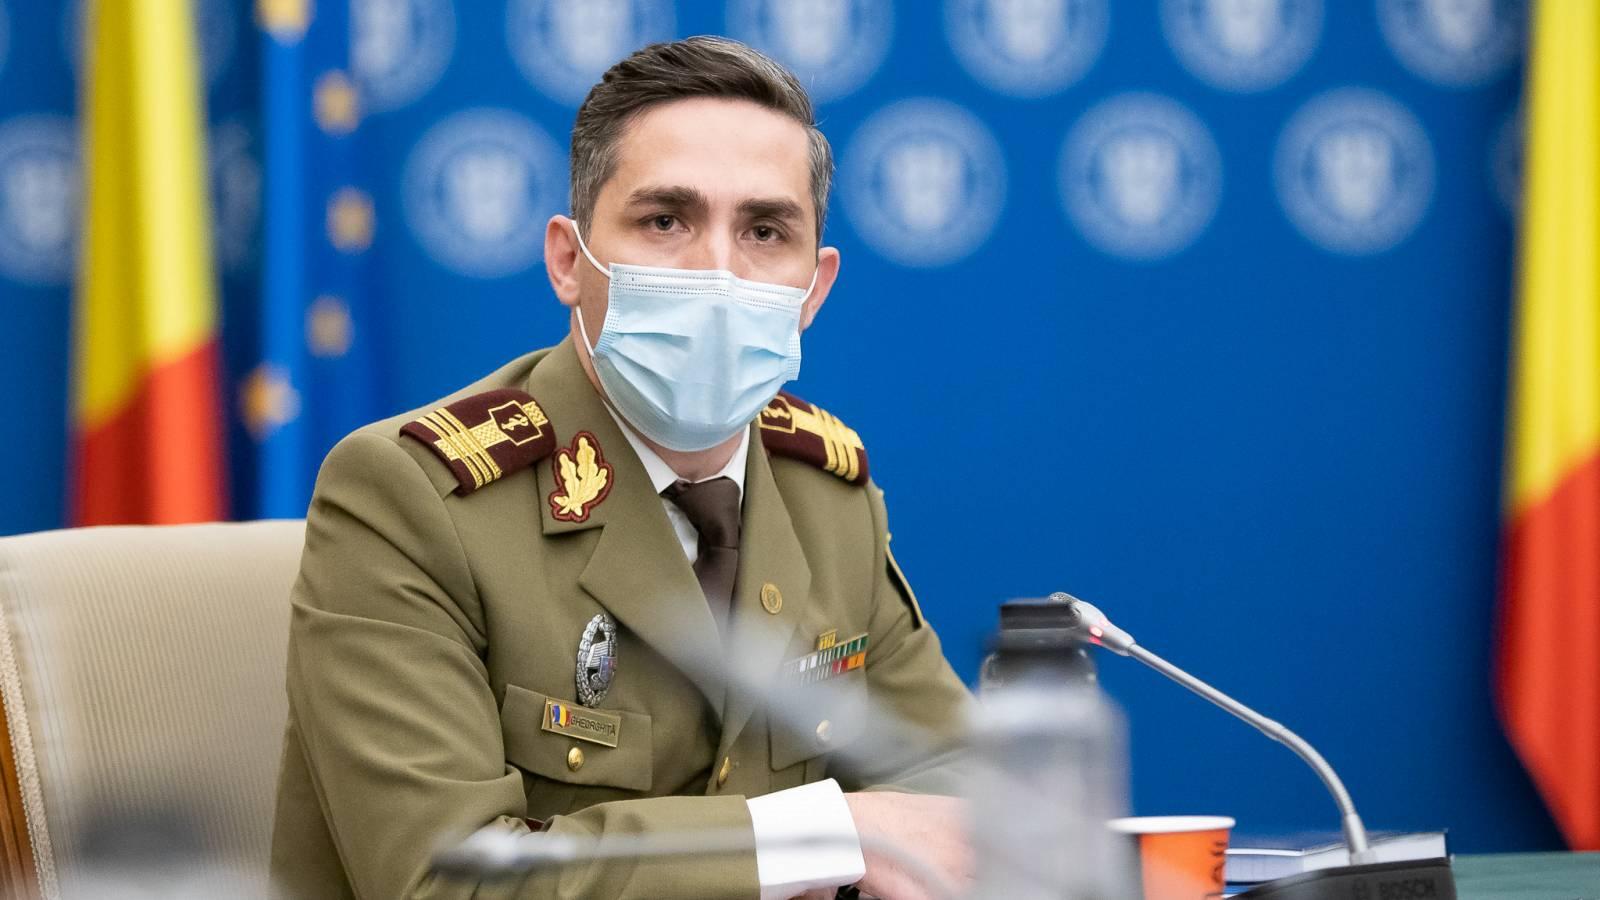 Valeriu Gheorghita Scazut Numarul Vaccinarilor Romania